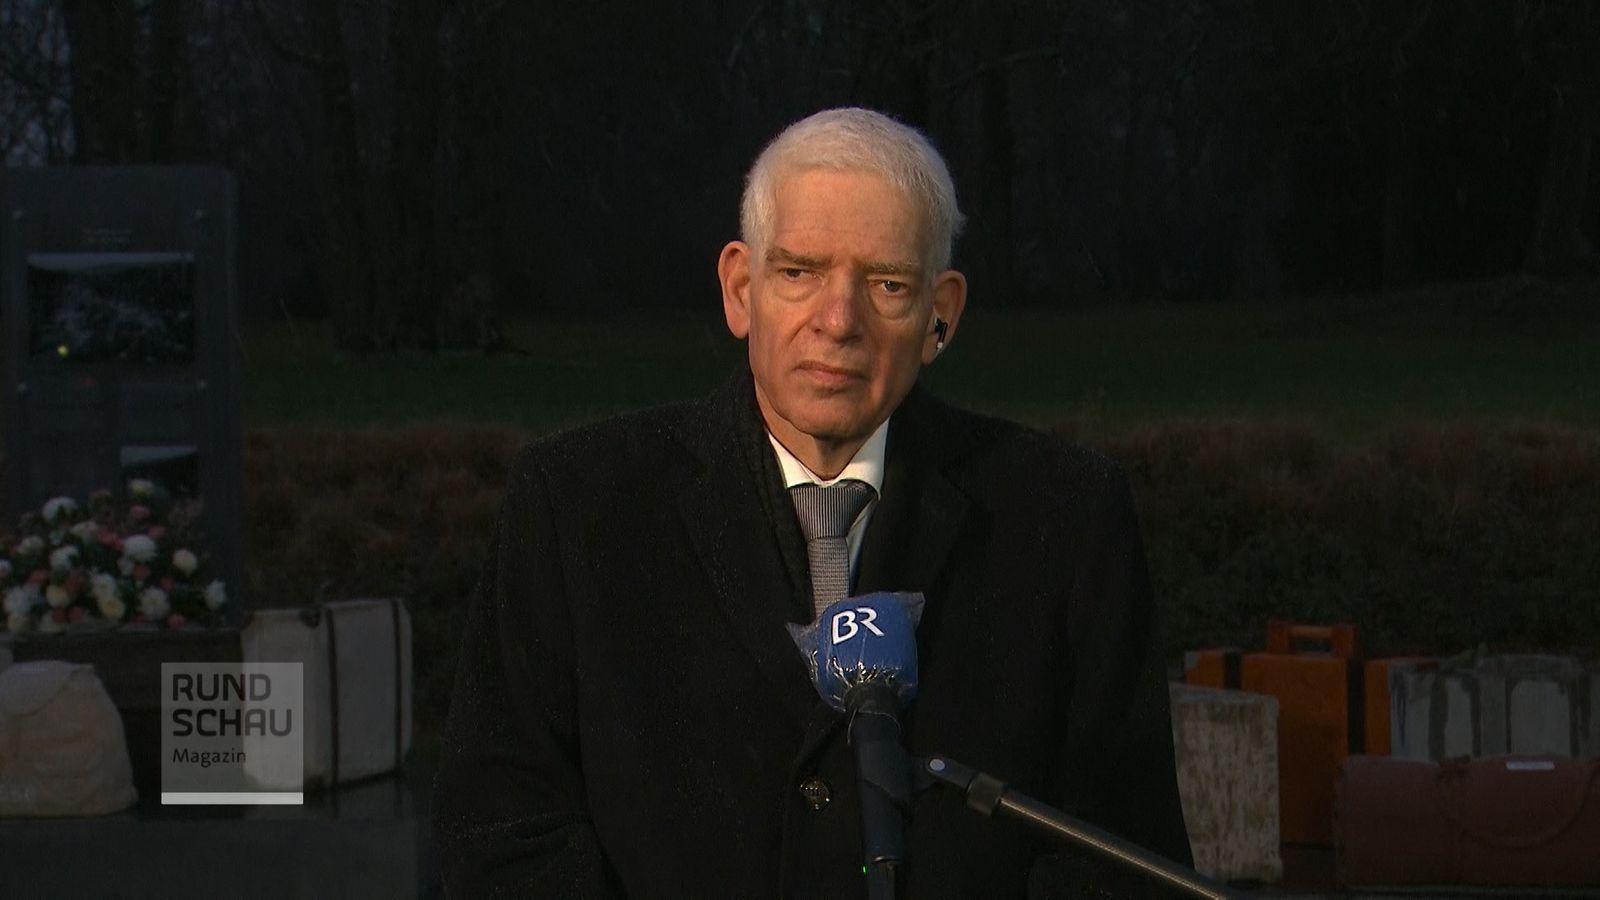 Zentralratspräsident Schuster: `Manche haben nichts begriffen`